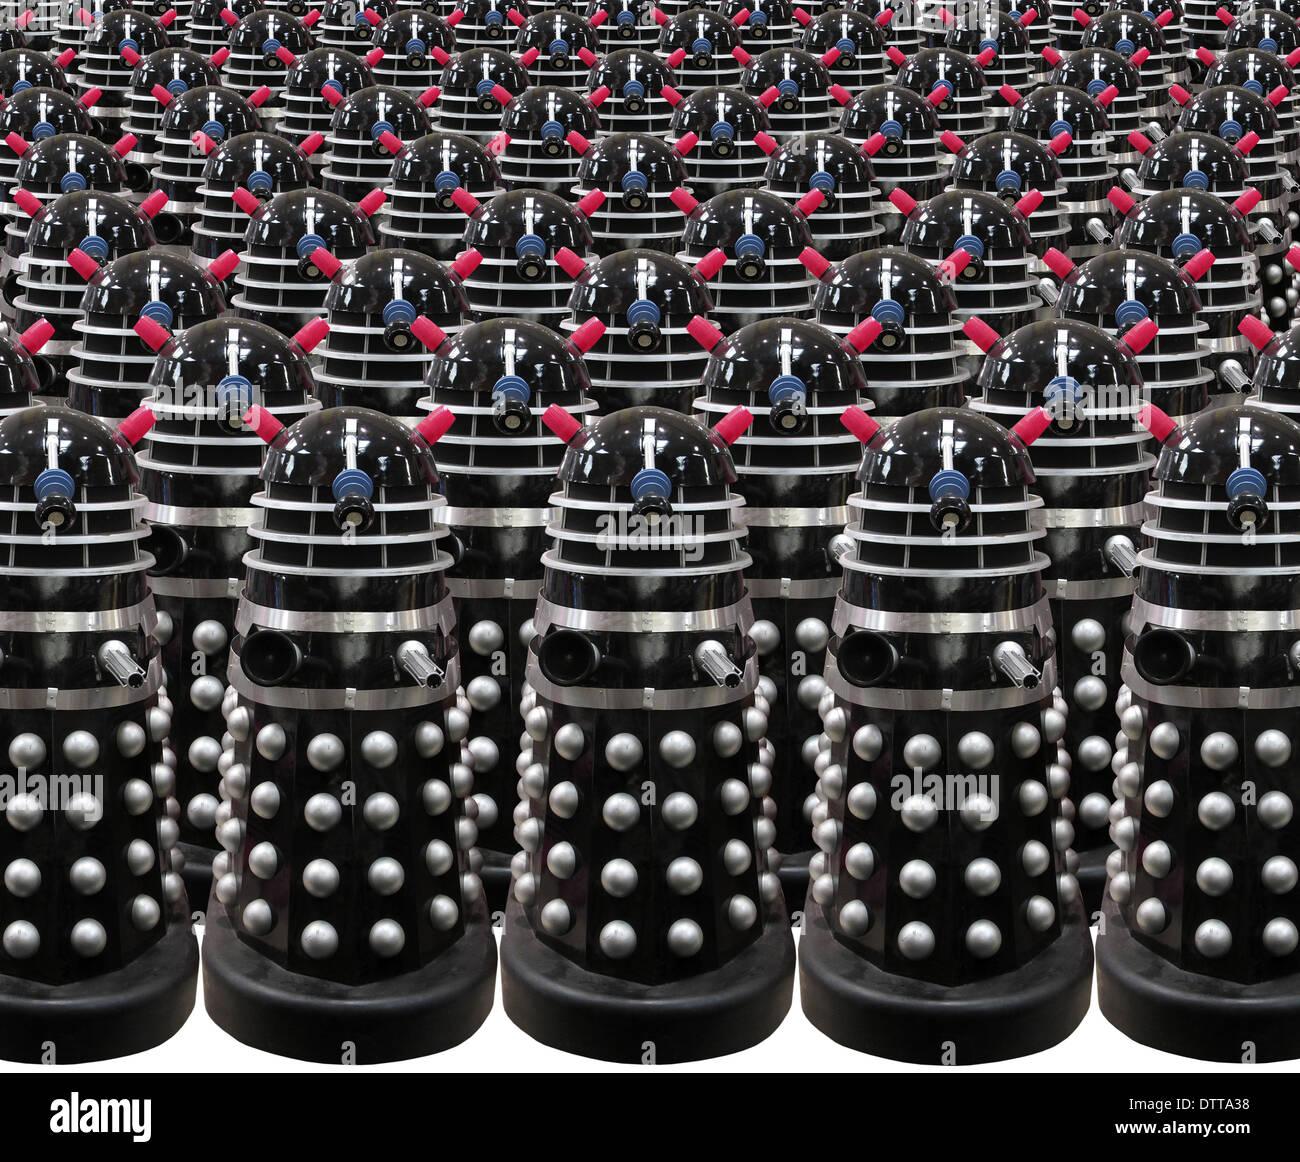 Daleks - Stock Image